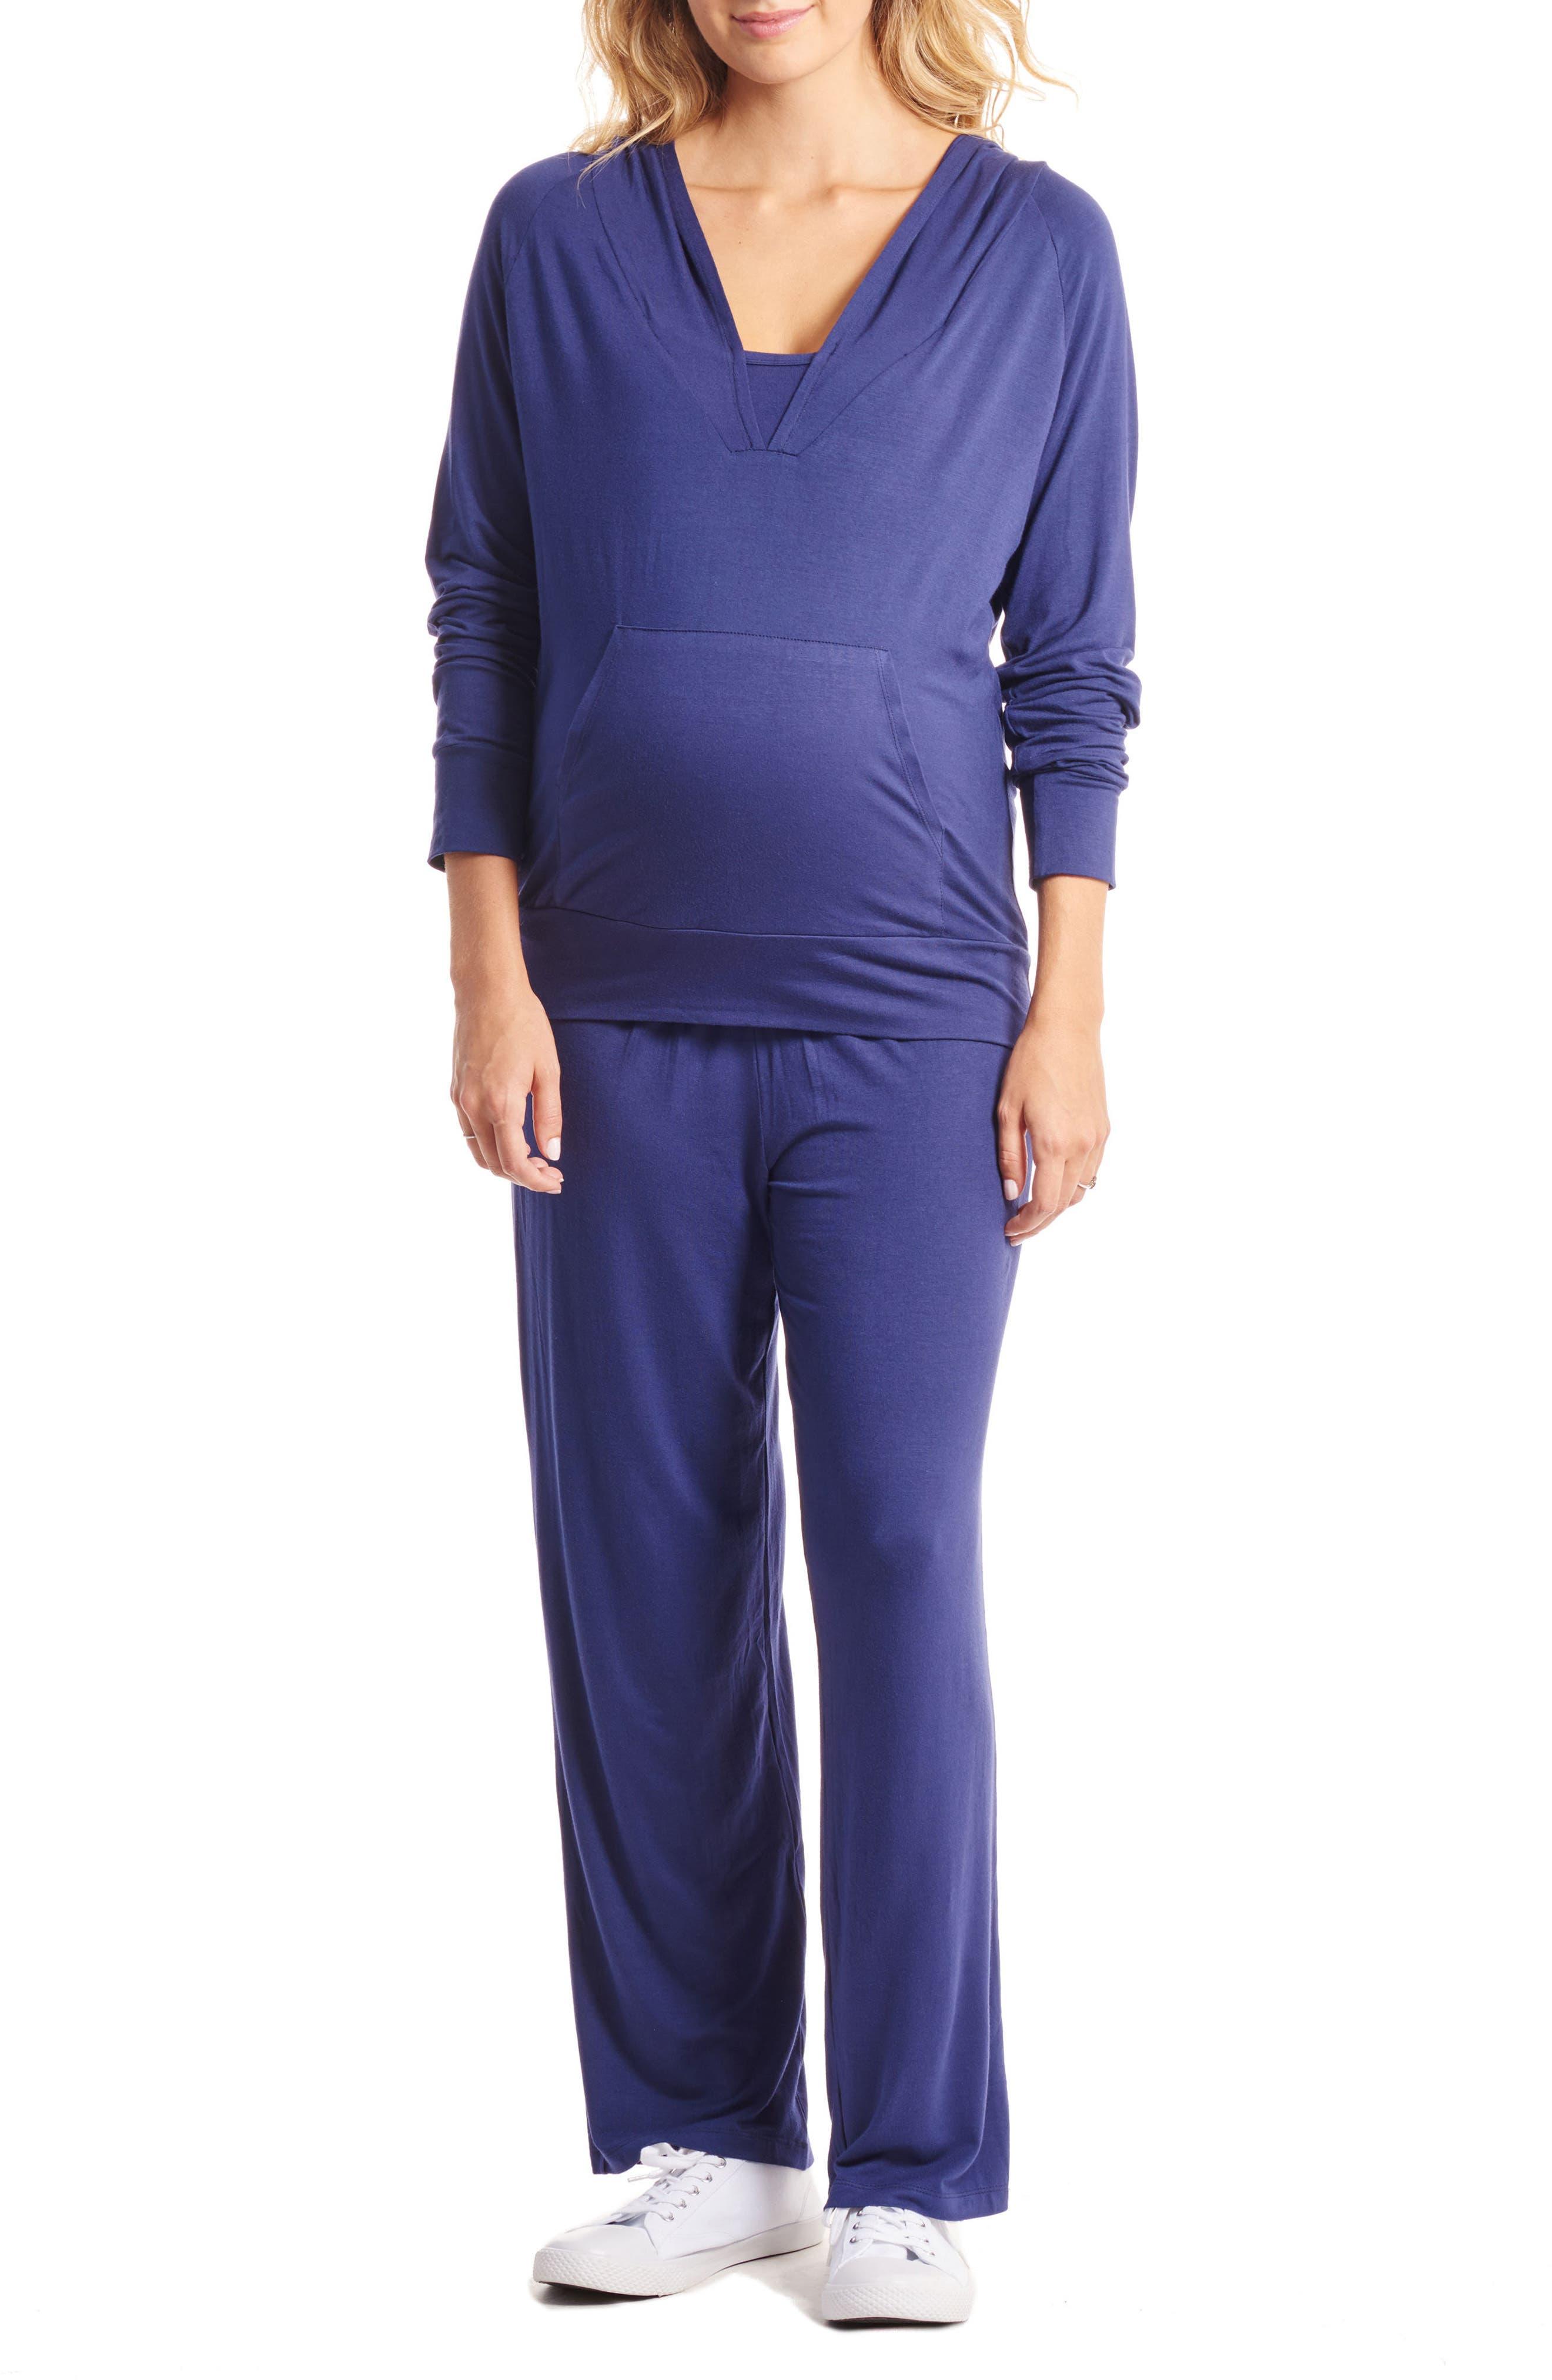 Everly Grey Irene Maternity/Nursing Pajamas